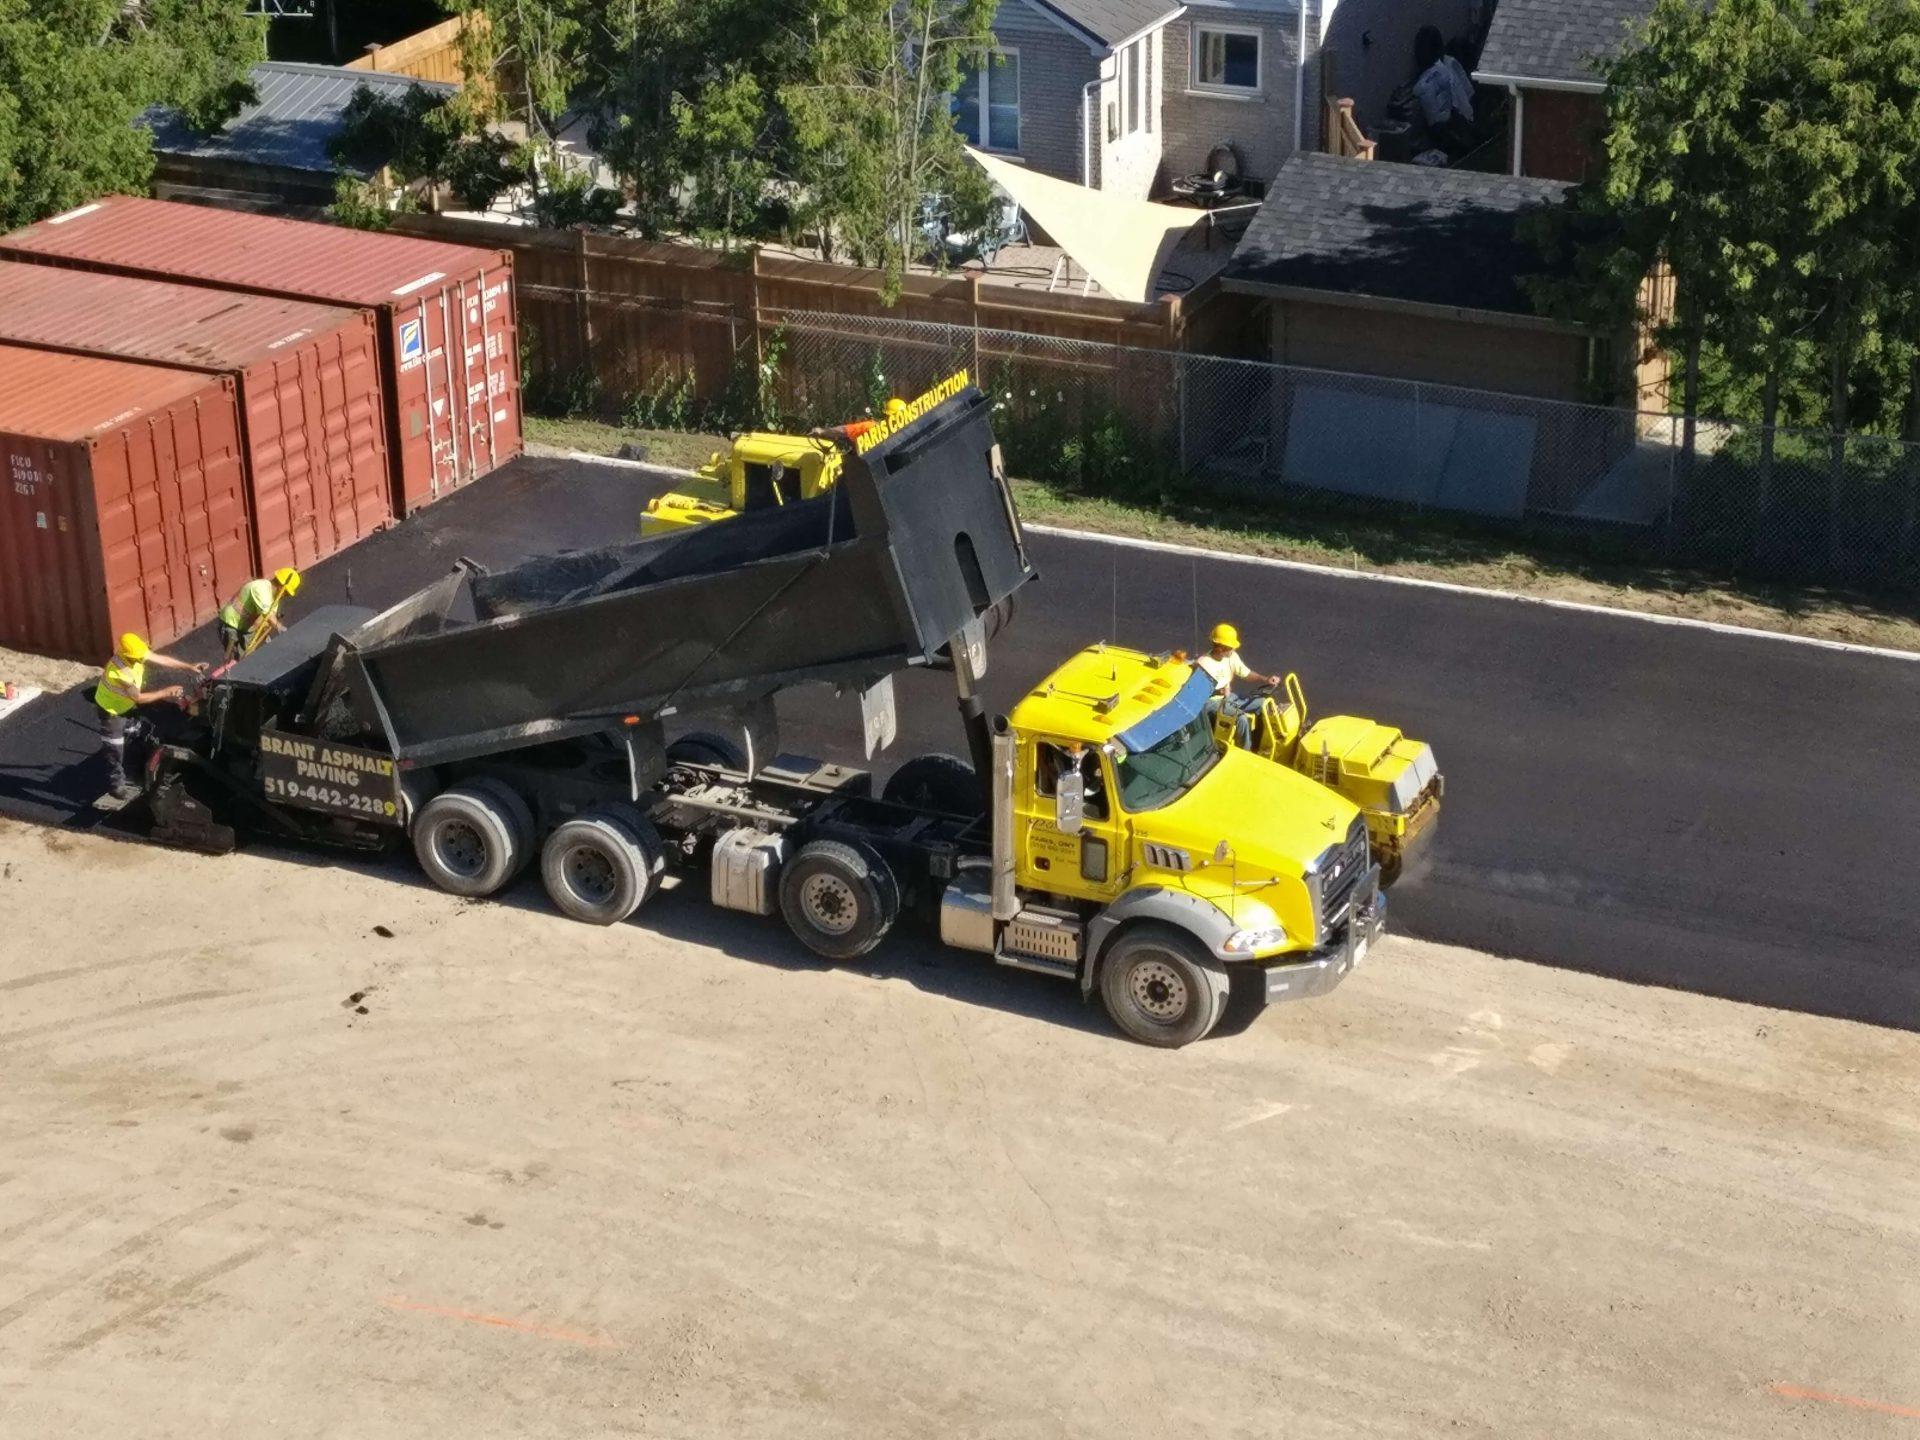 Paris Construction Asphalt truck in parking lot